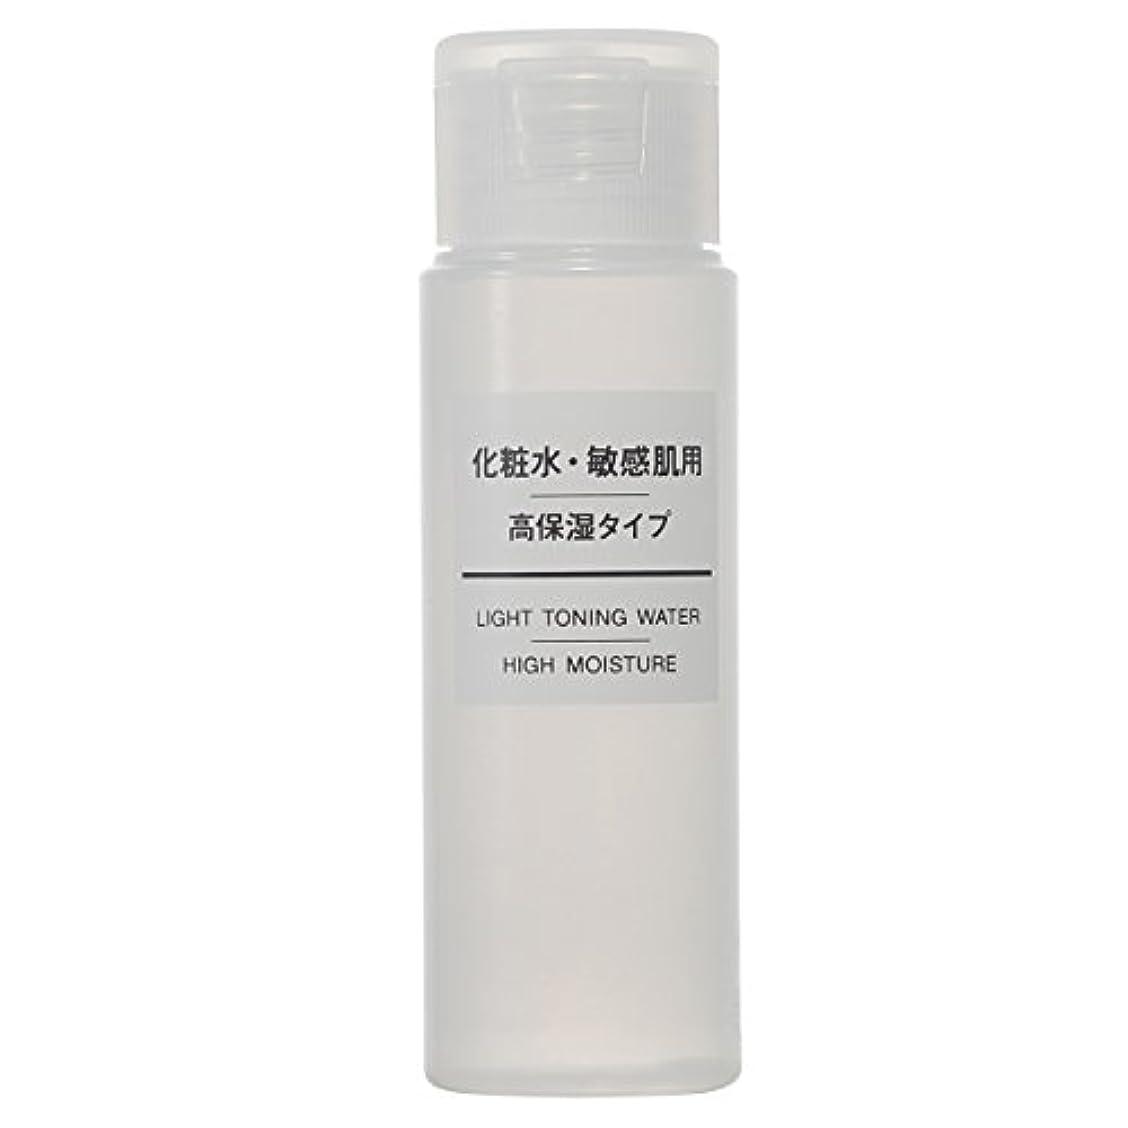 解放するコロニアル開梱無印良品 化粧水 敏感肌用 高保湿タイプ(携帯用) 50ml